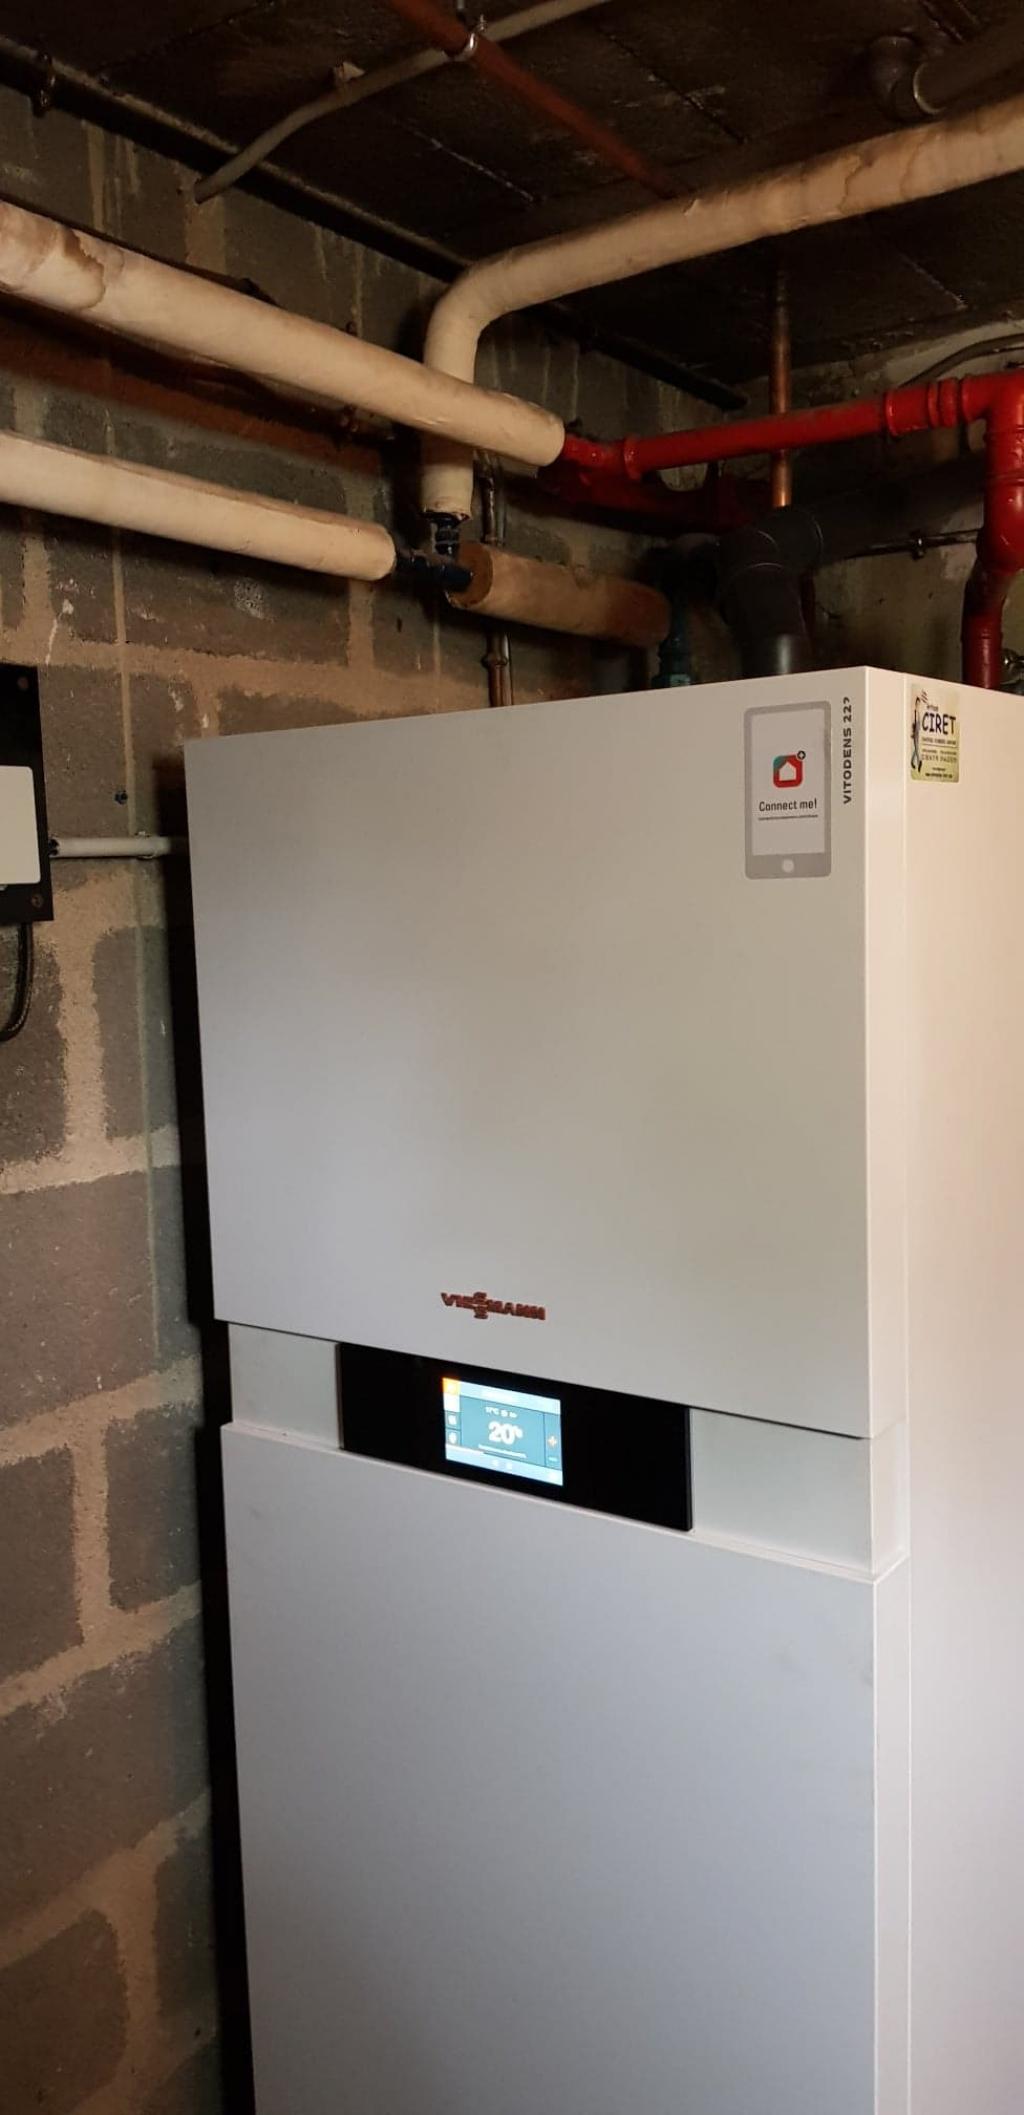 Chauffagiste Pithiviers : Installation d'une chaudière Gaz condensation à la place de la chaudière fioul